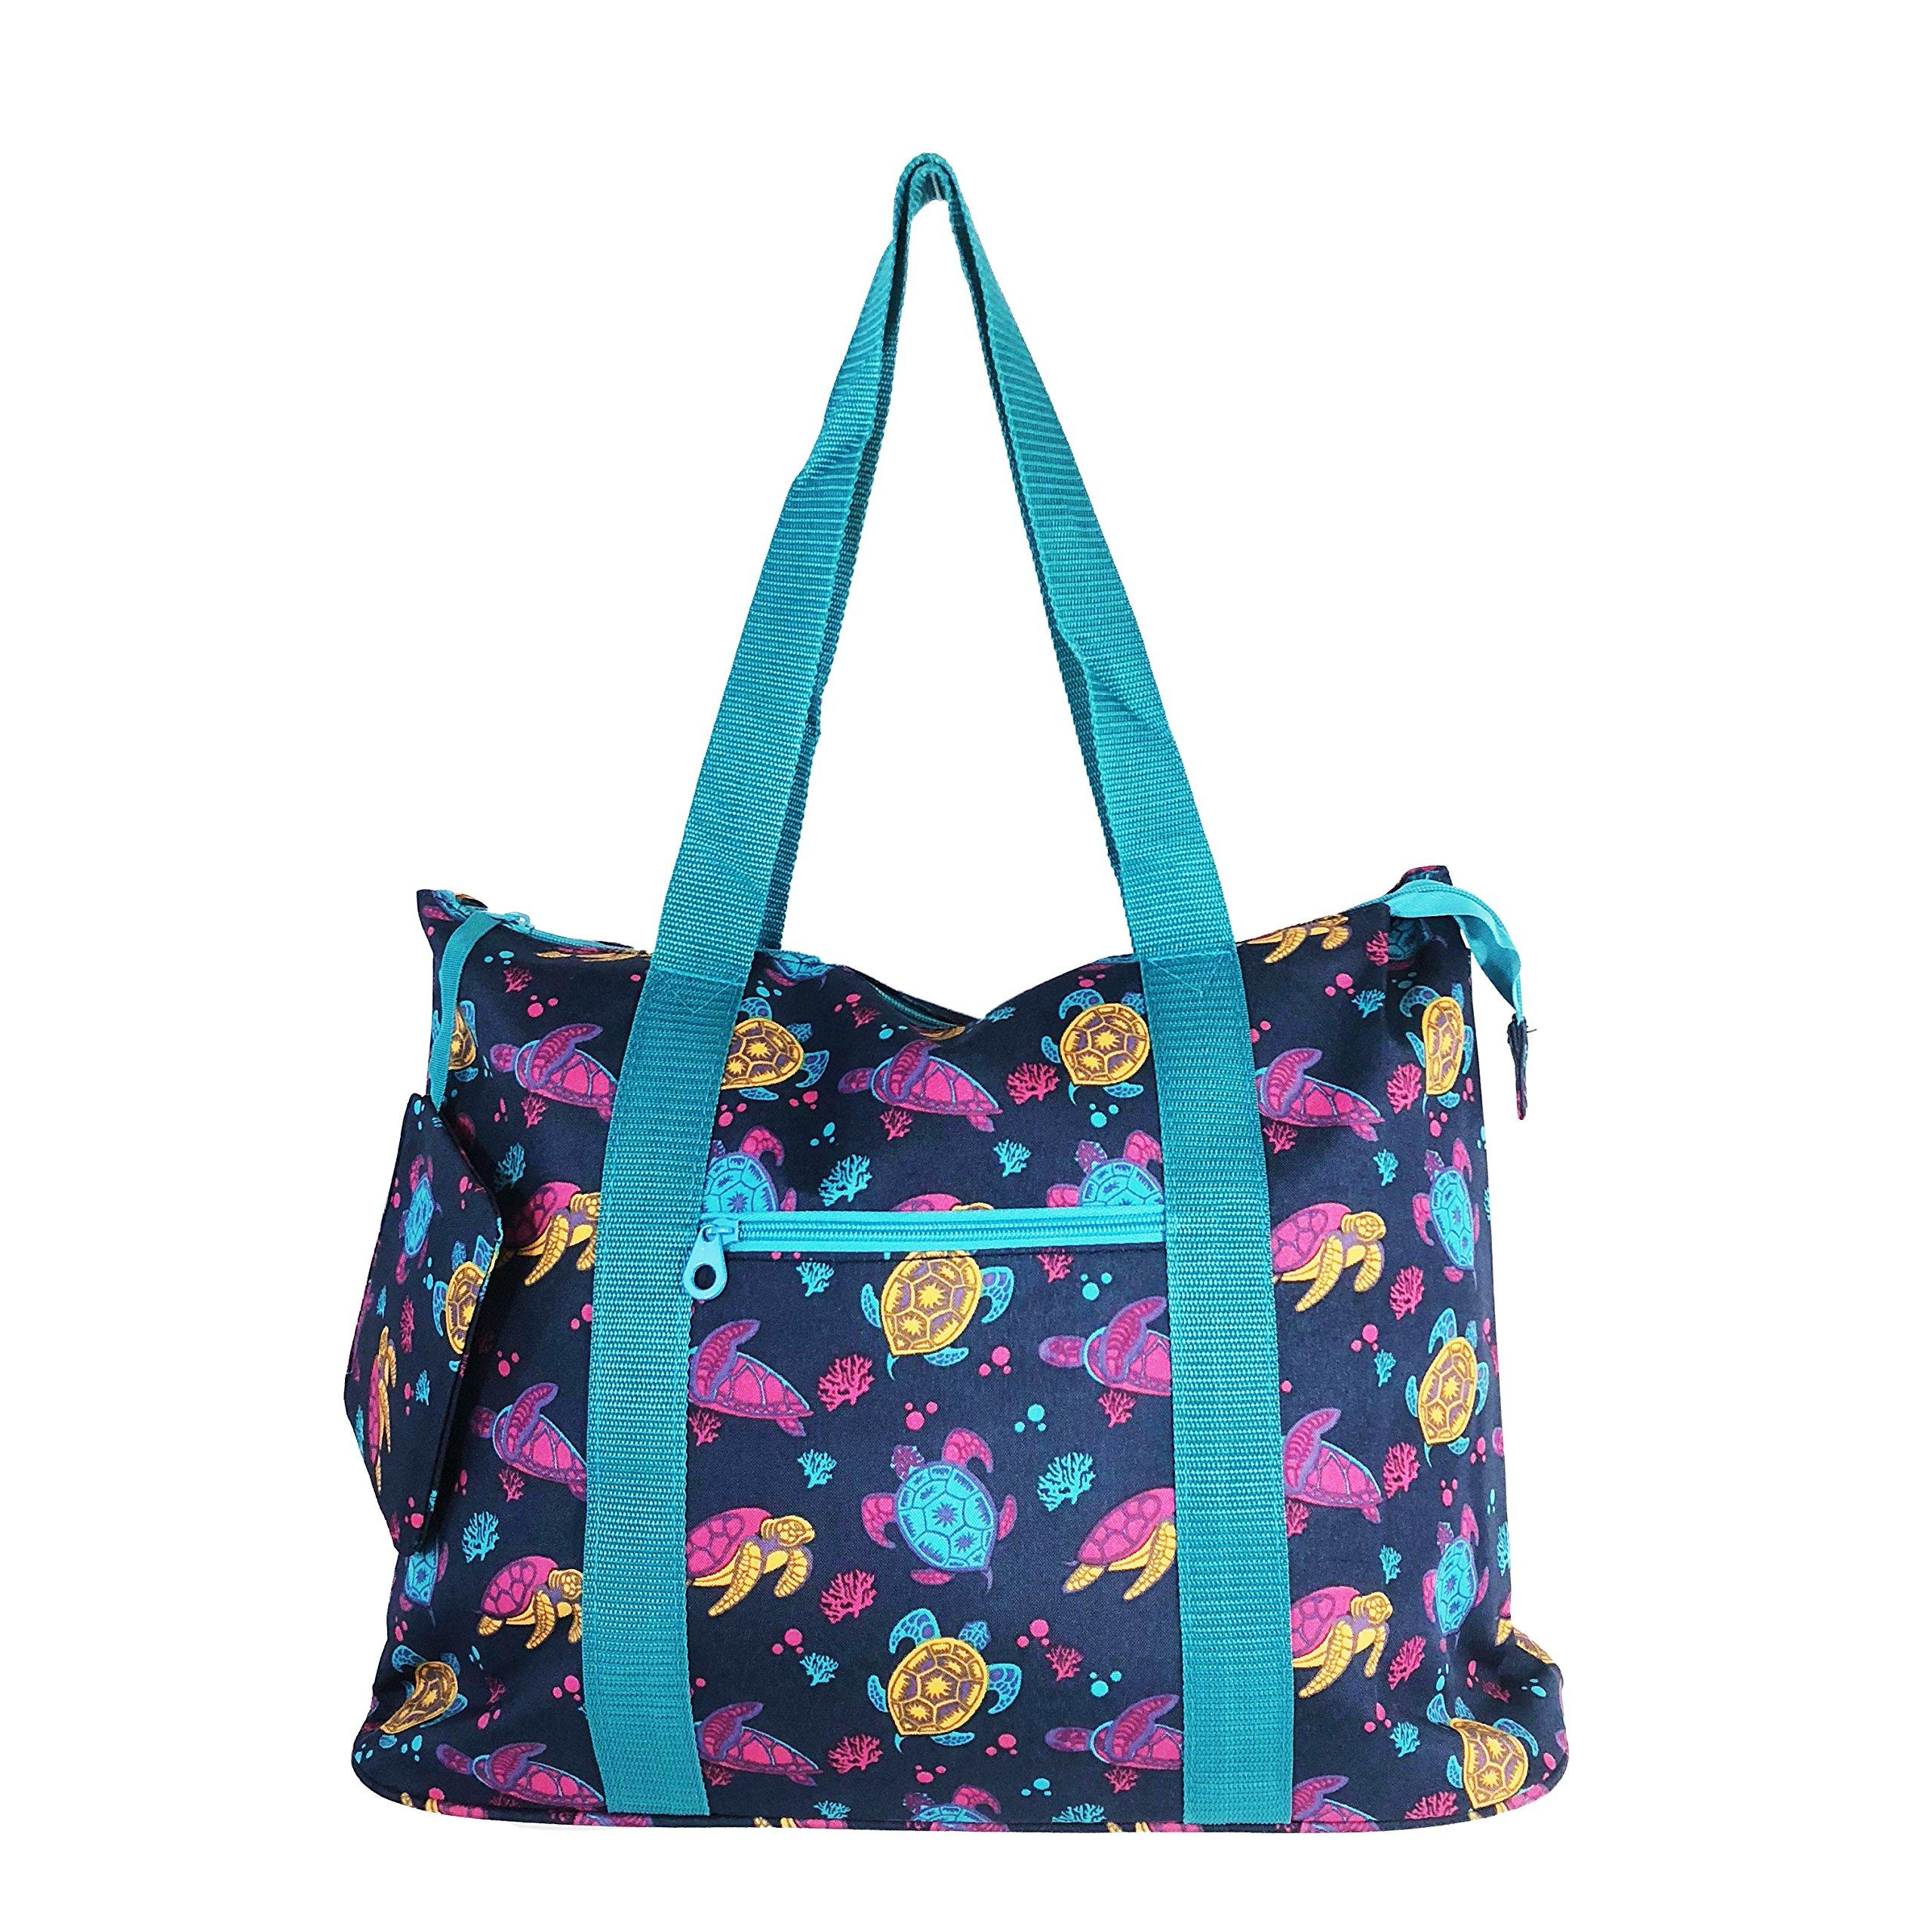 Allgala 19'' Shopping Travel Tote Bag (N Turtle Blue)